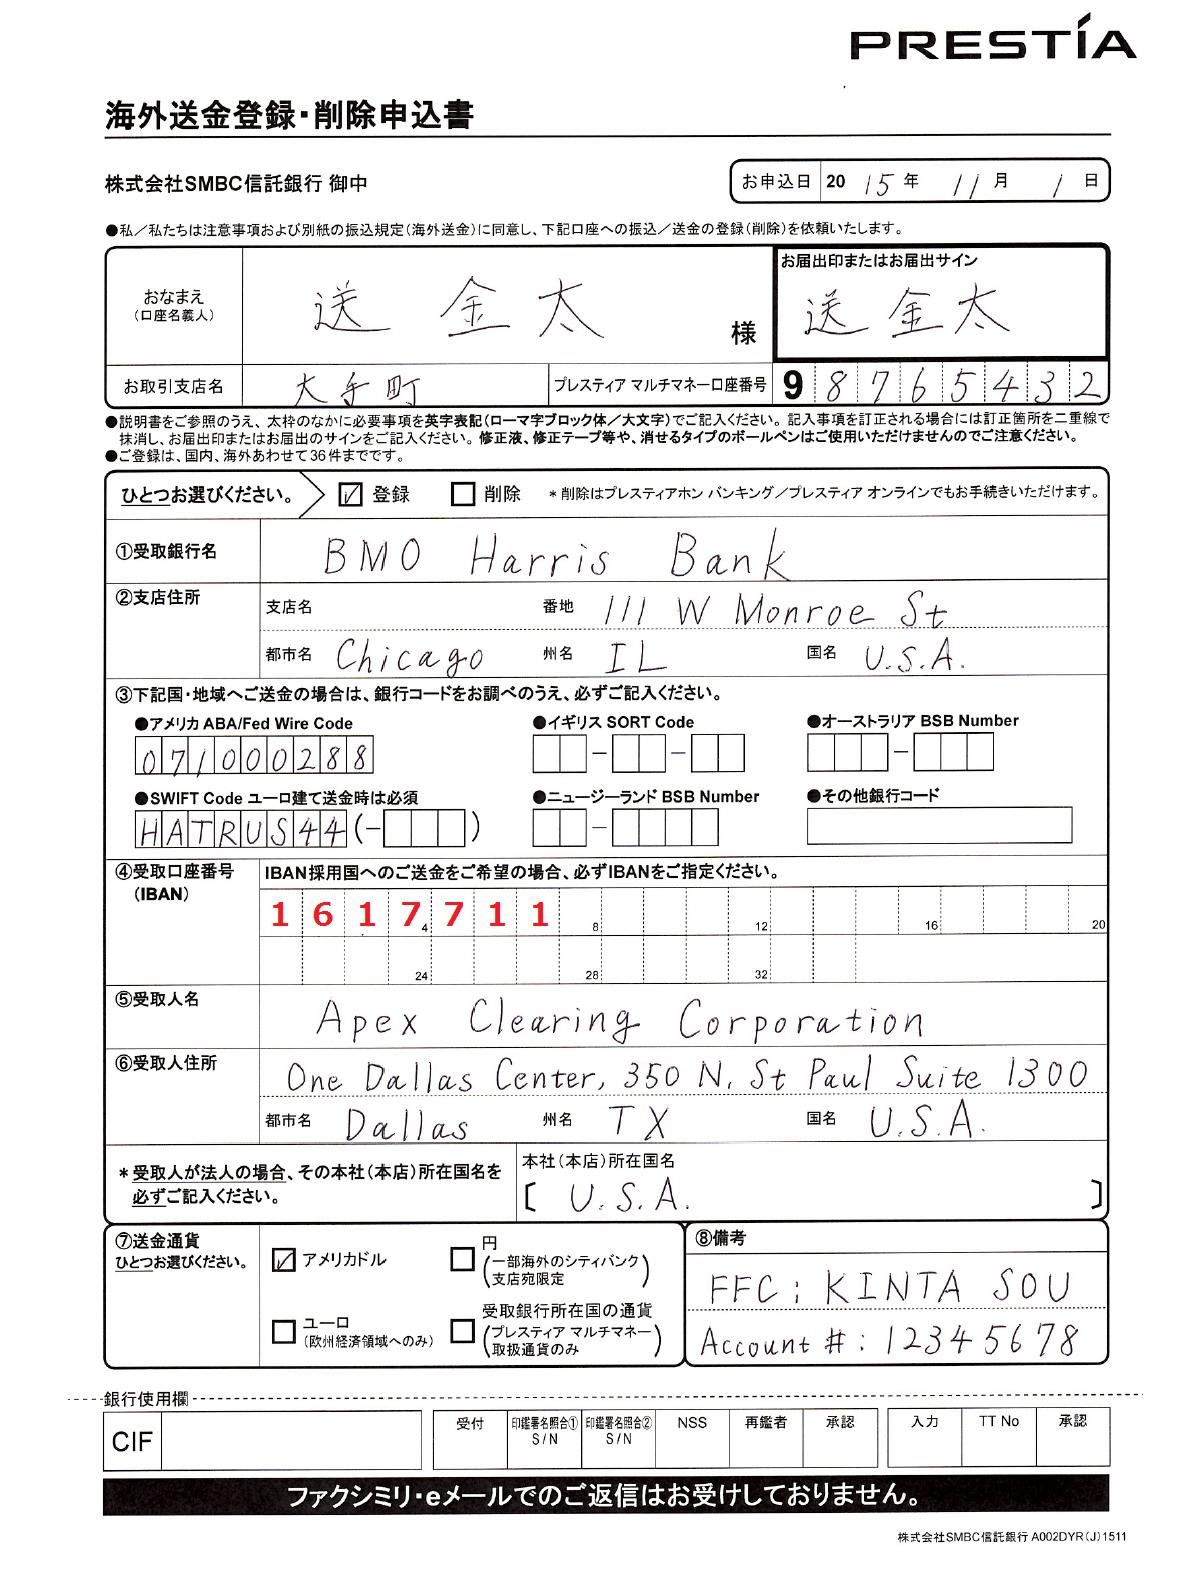 SMBC信託銀行プレスティアで海外送金を行う方法-送金先登録編-